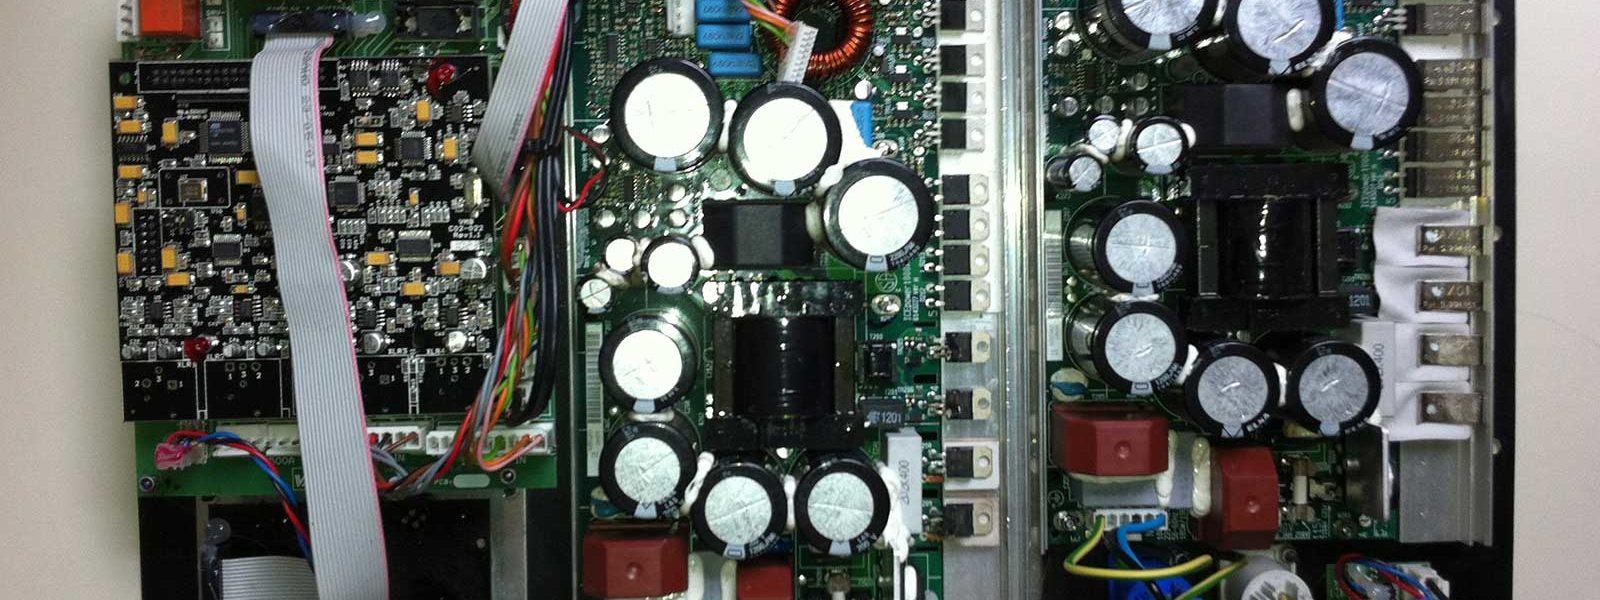 Elektronik Reparatur Bremen